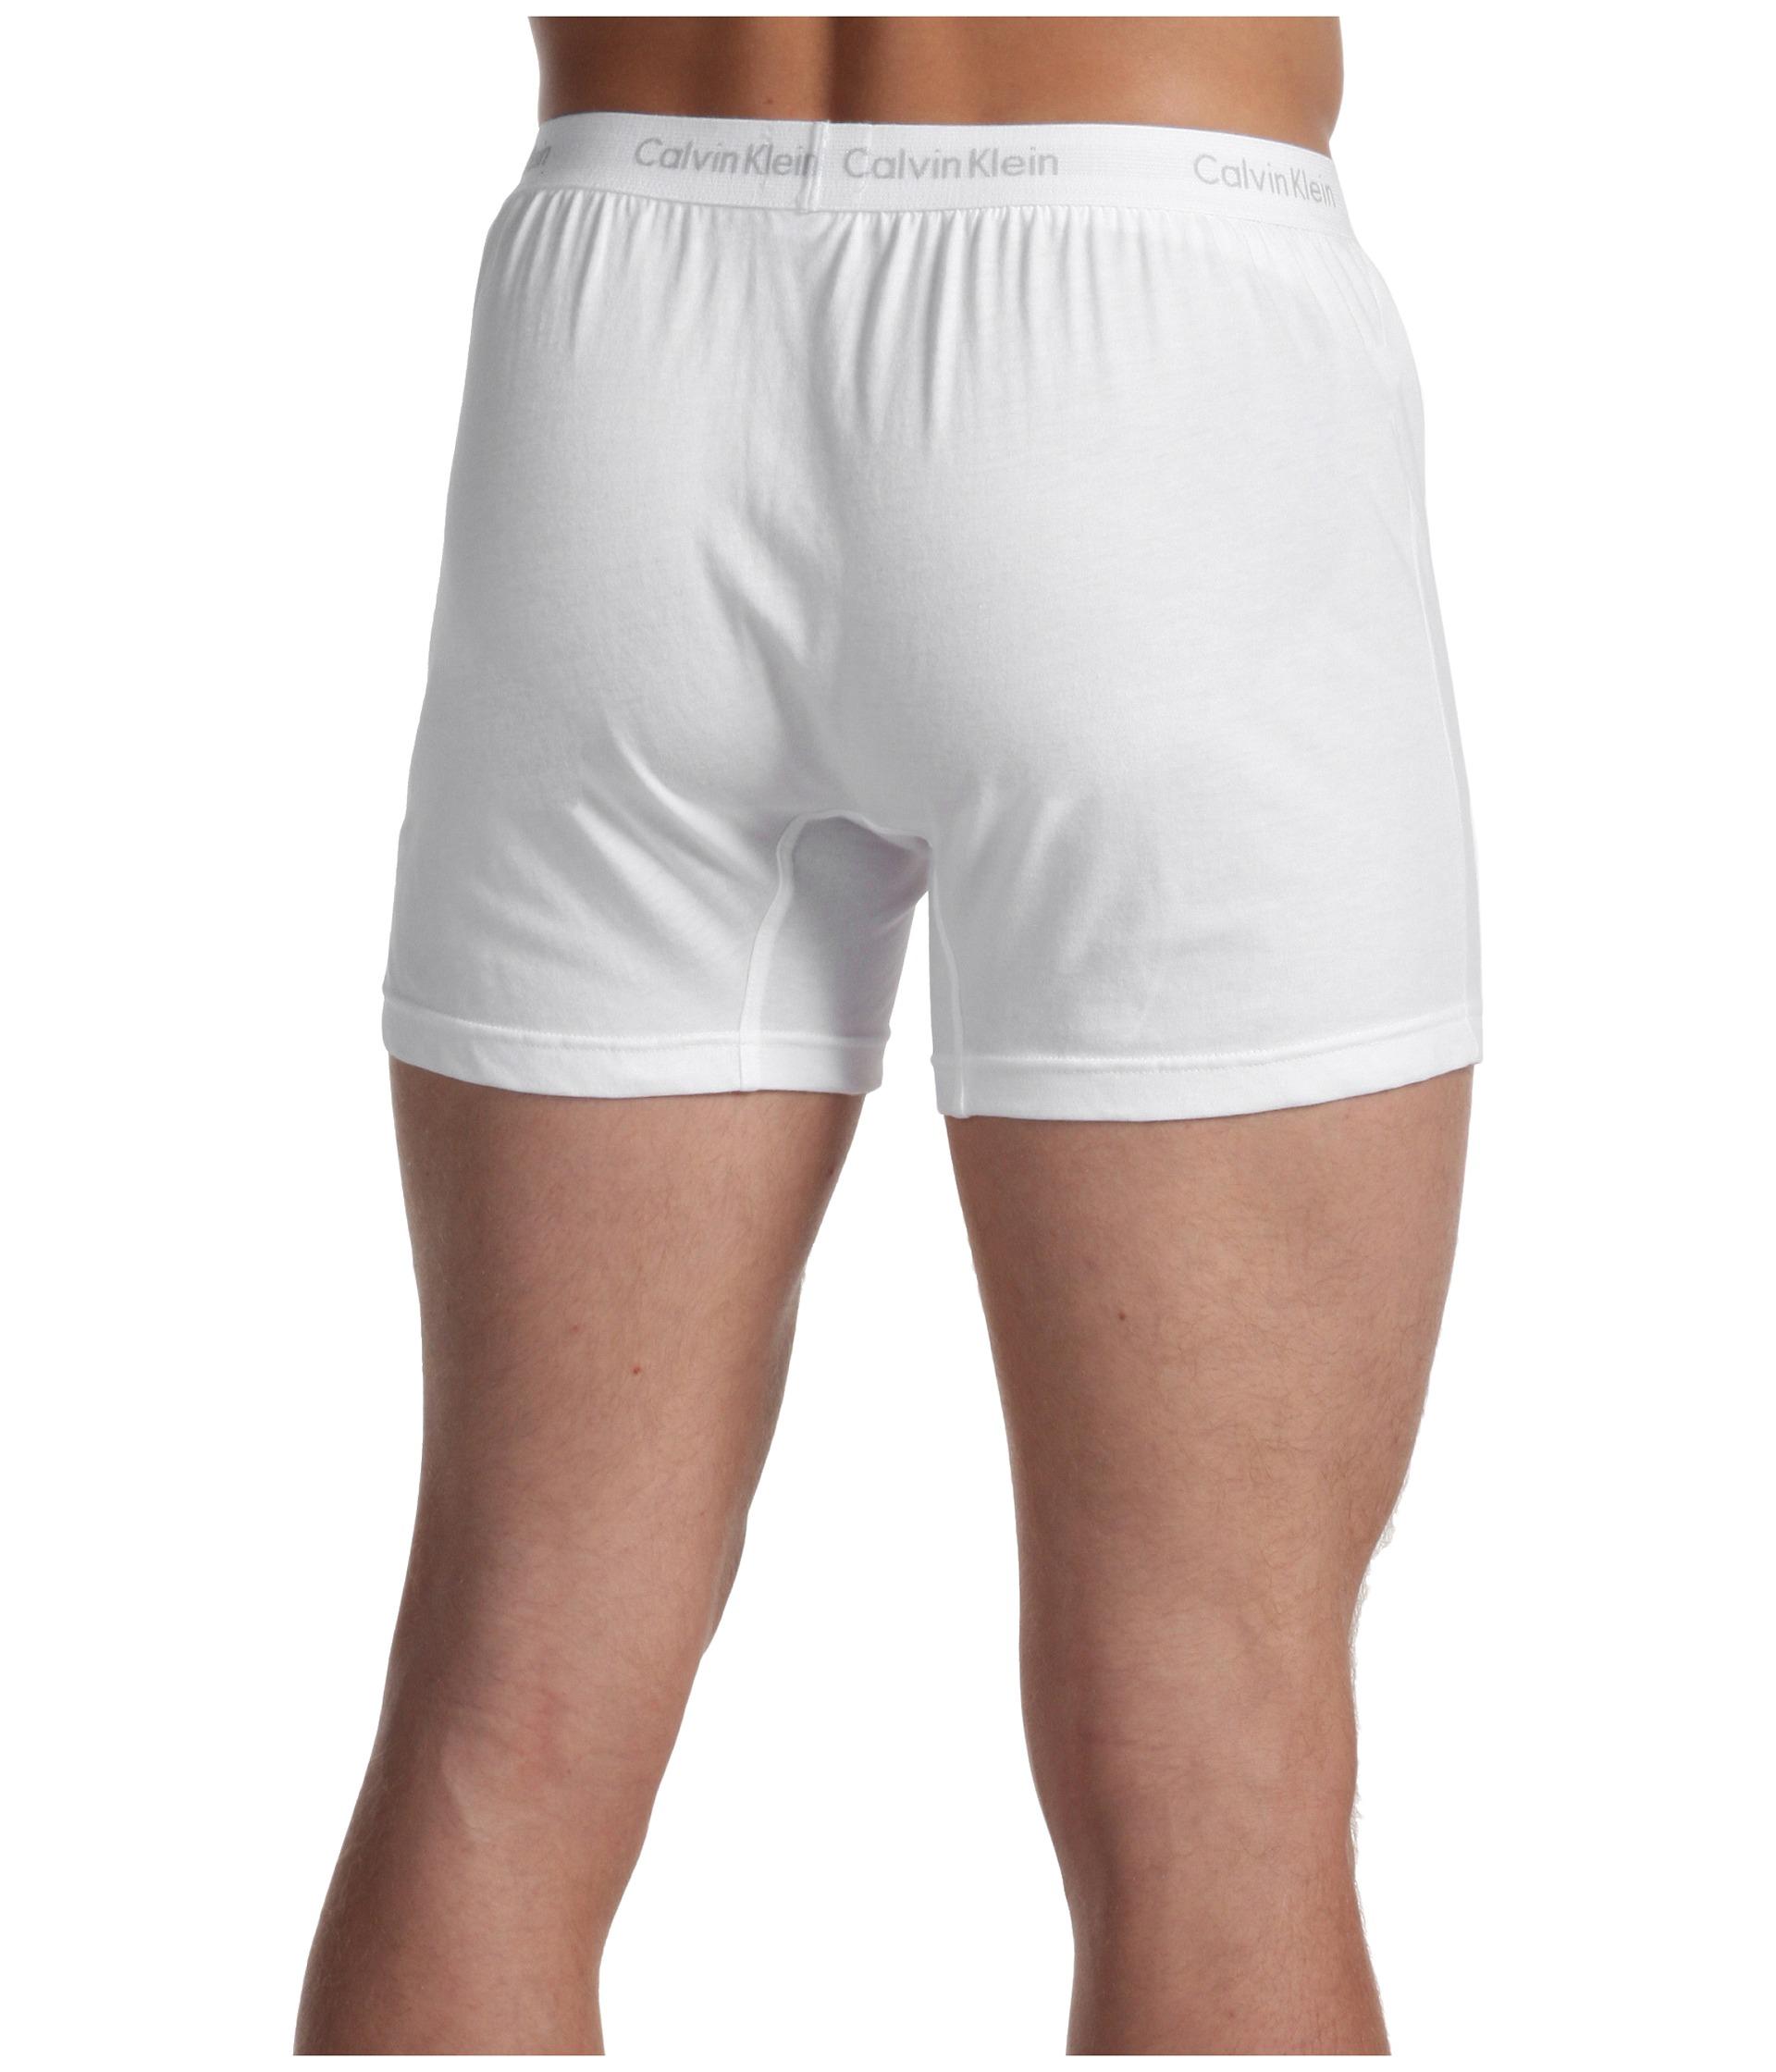 Funny & Novelty Boxer Shorts for Men